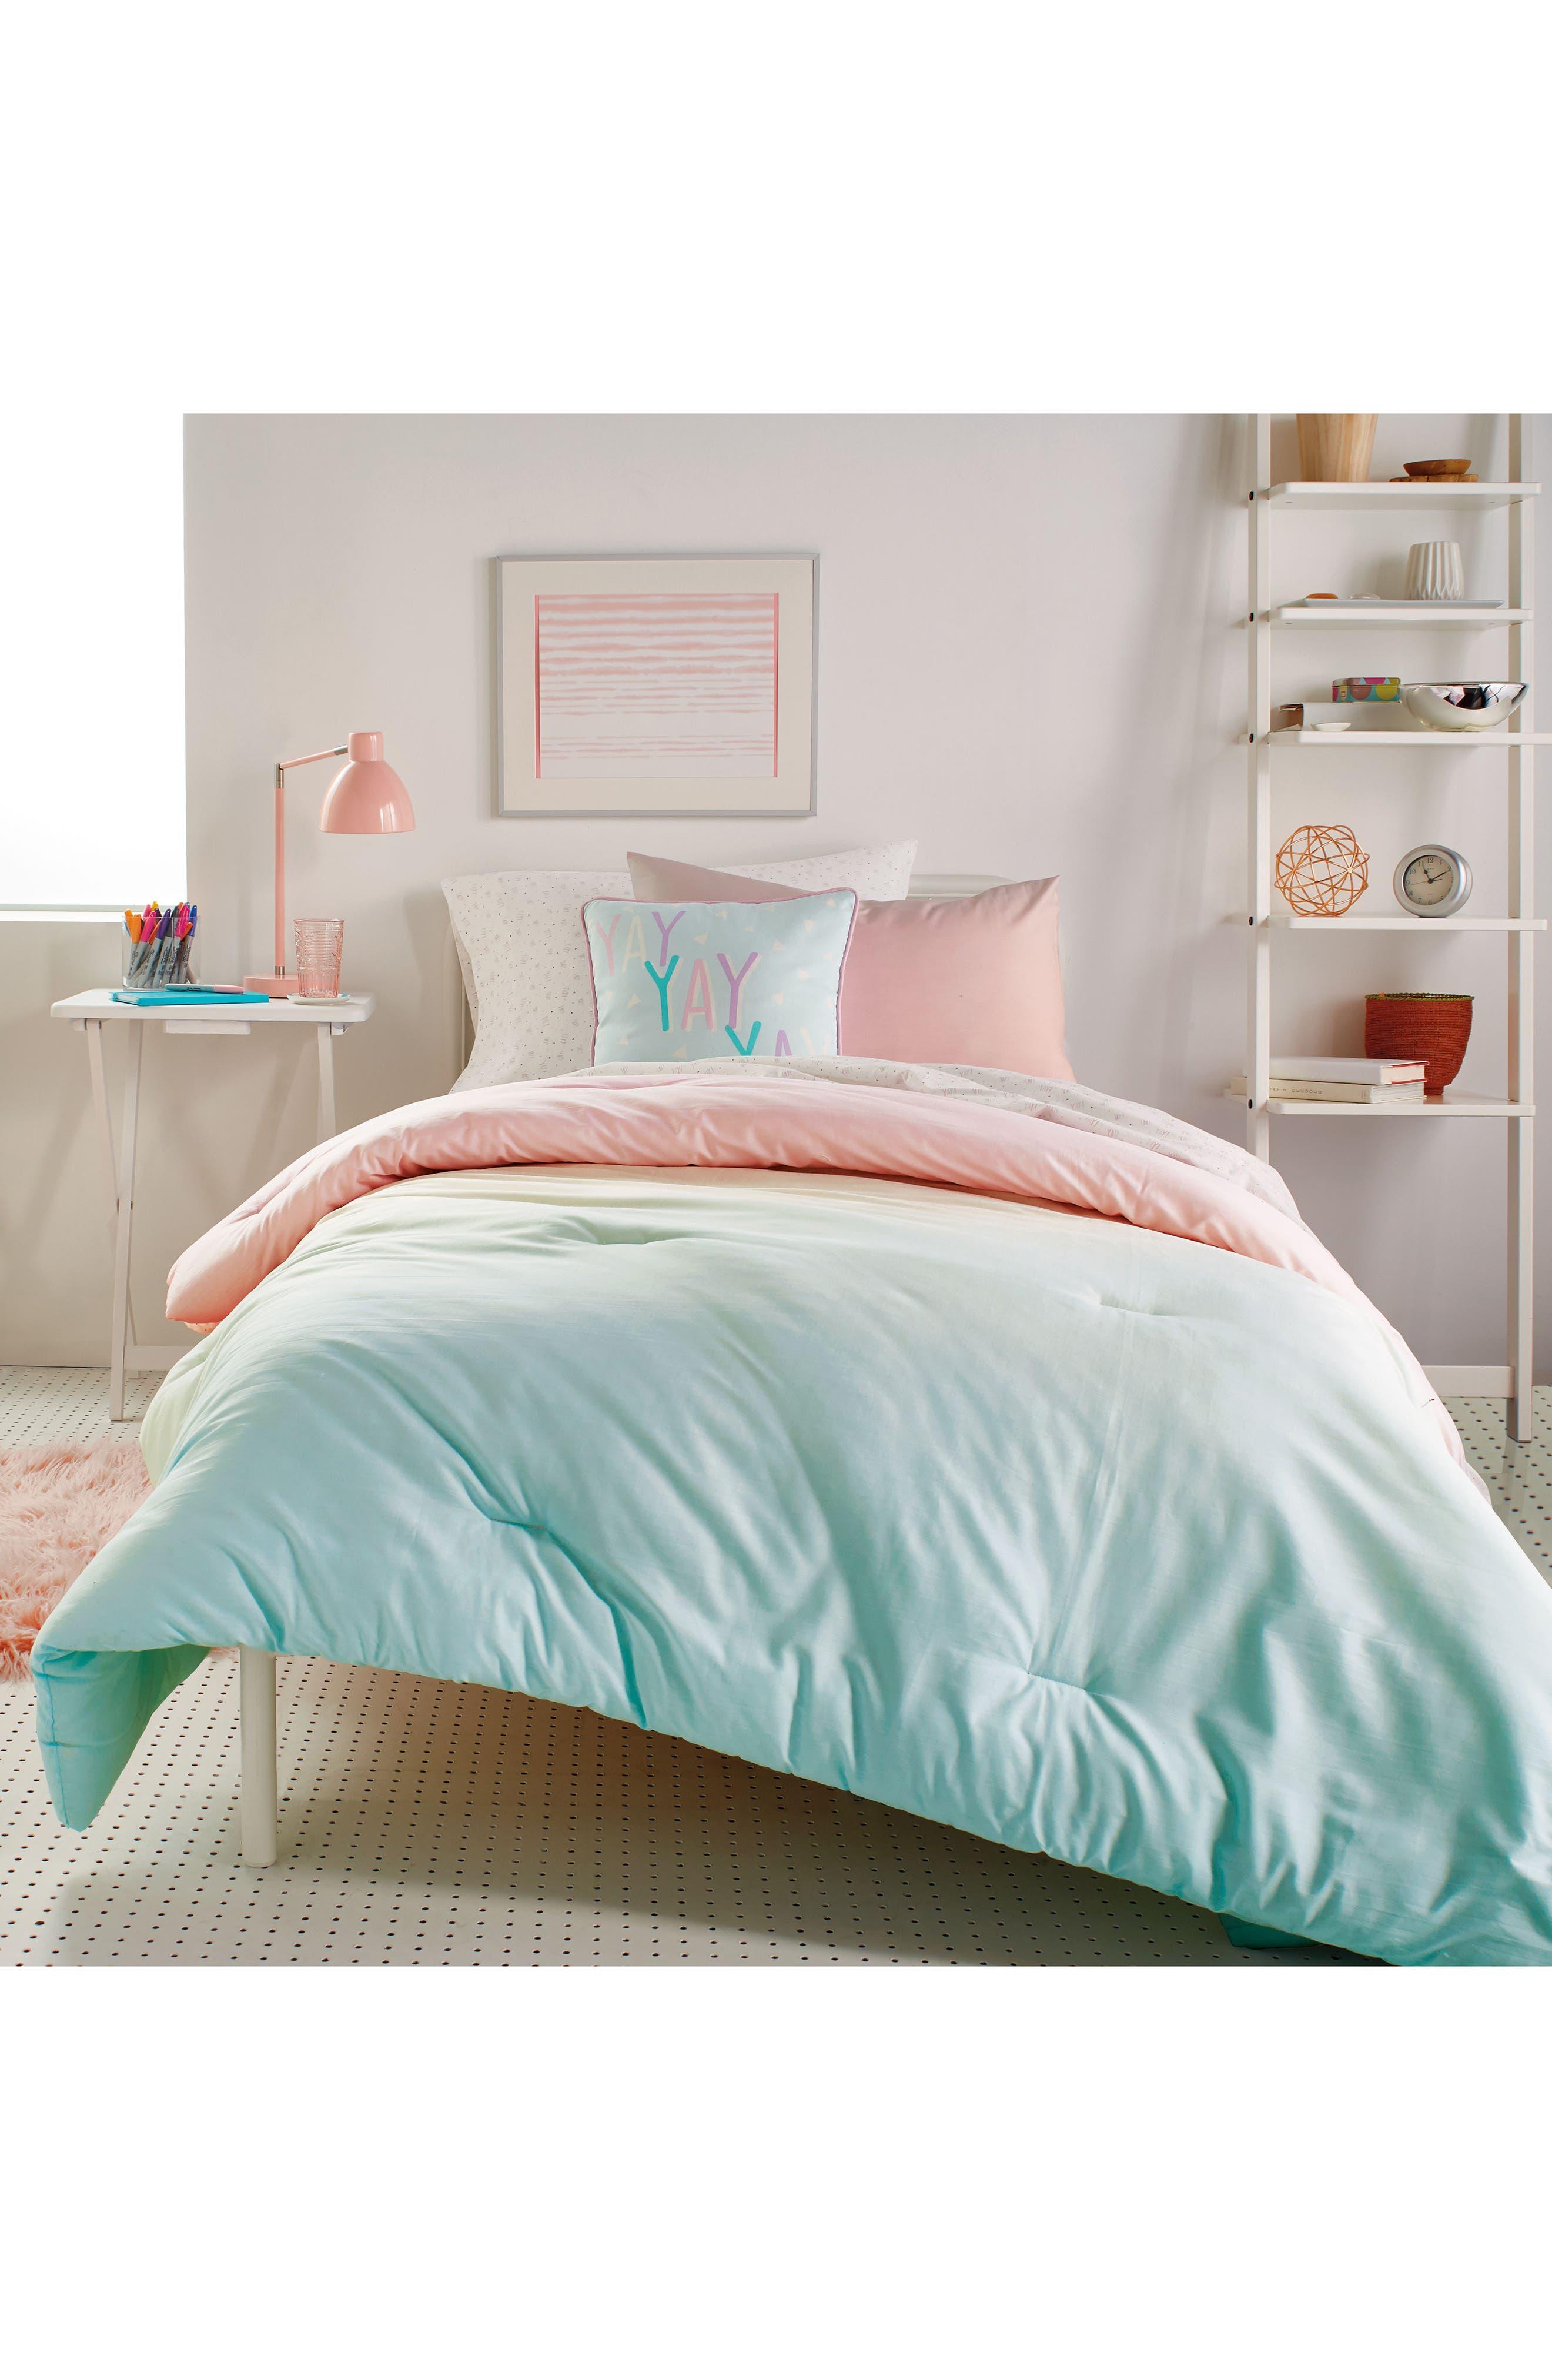 Dkny Empire Light Duvet Sham  Accent Pillow Set Size FullQueen  Pink